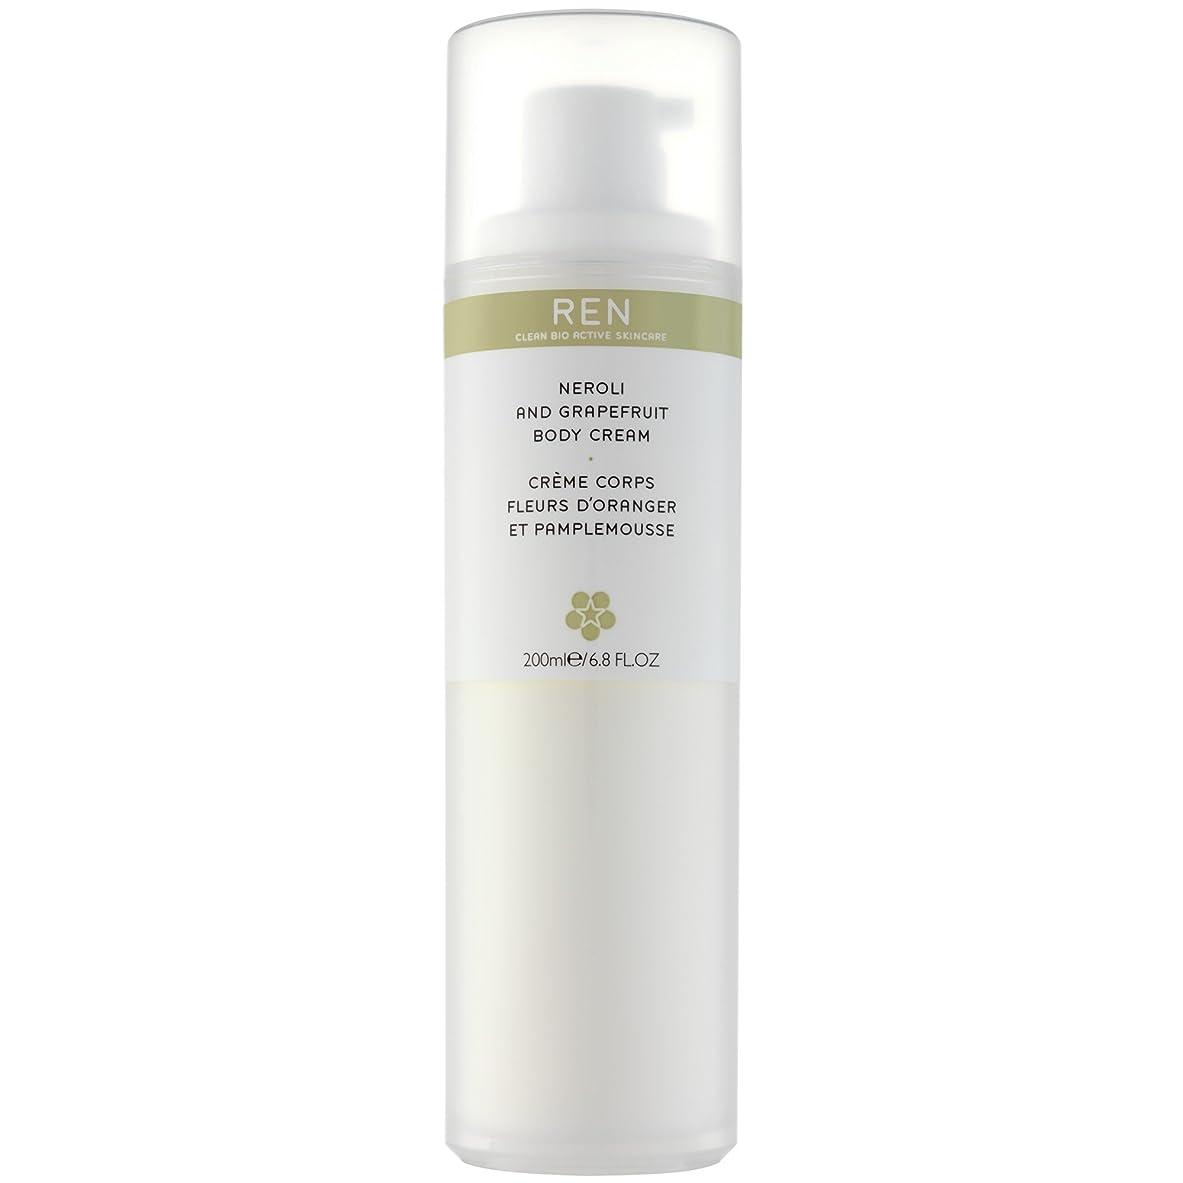 怠けた簡潔なちなみにRenネロリとグレープフルーツボディクリーム200ミリリットル (REN) (x6) - REN Neroli and Grapefruit Body Cream 200ml (Pack of 6) [並行輸入品]